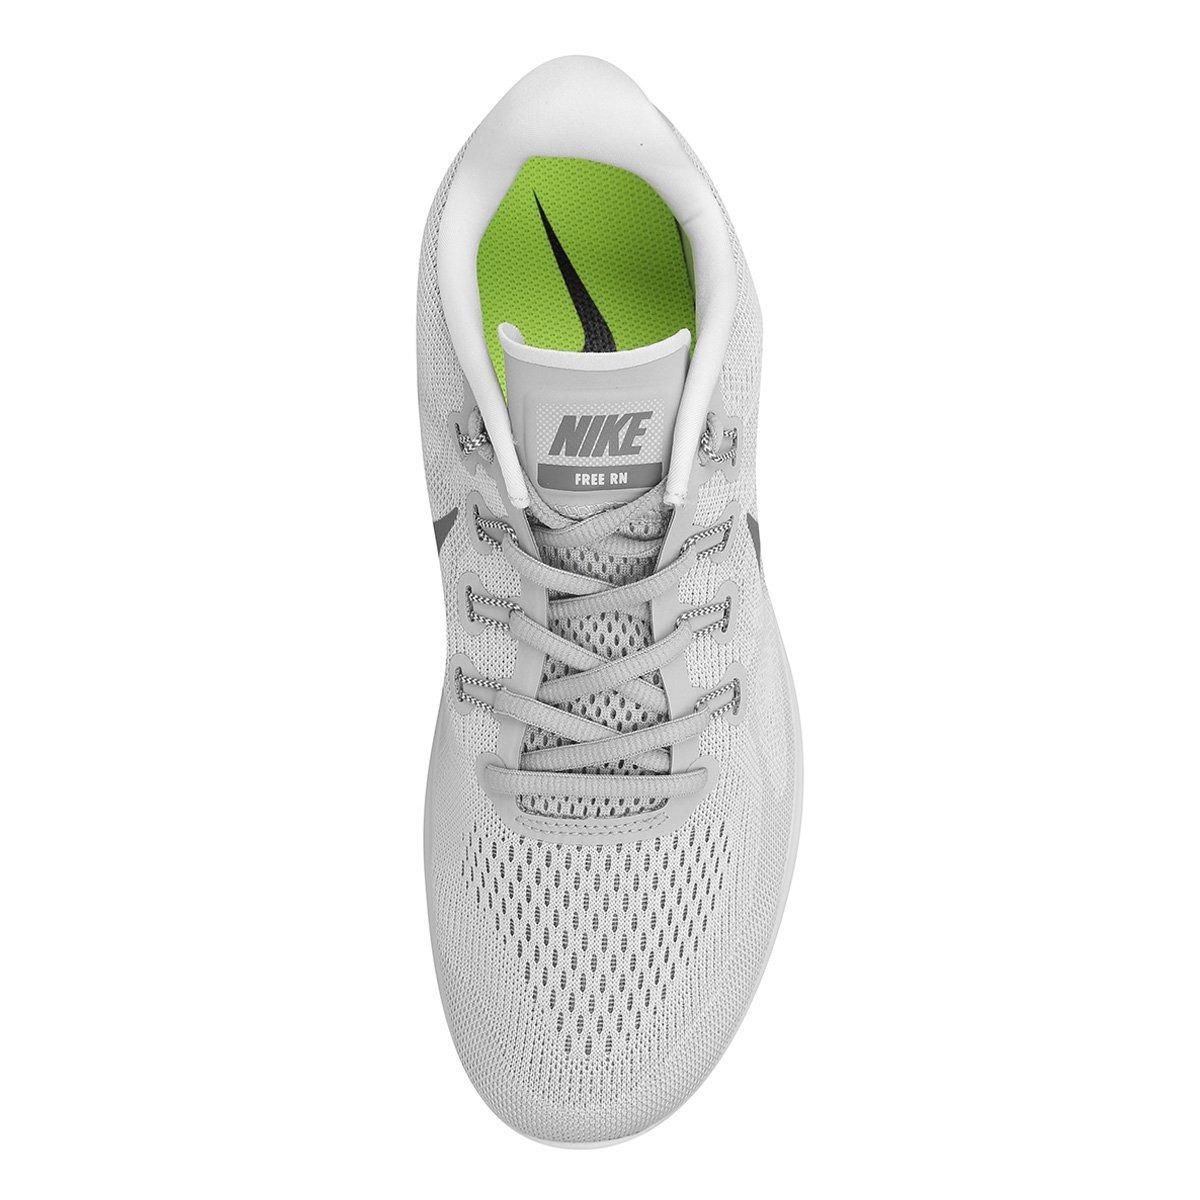 e3346a28f0213 zapatillas nike free rn 2 - gris. Cargando zoom.